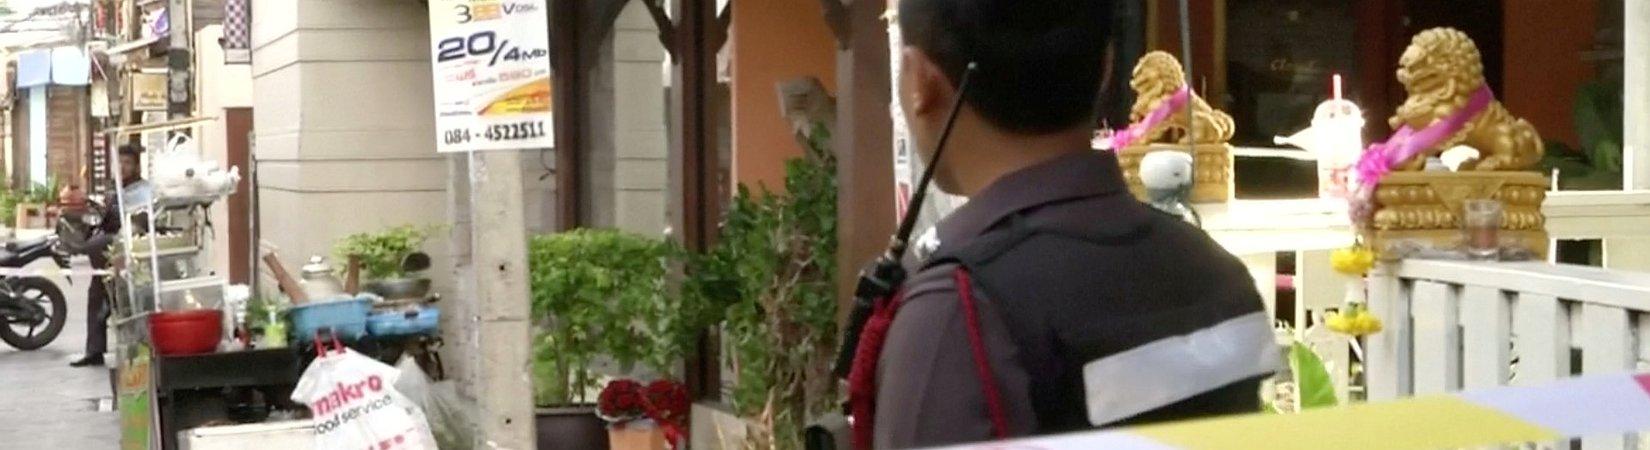 Una serie de atentados conmociona a Tailandia